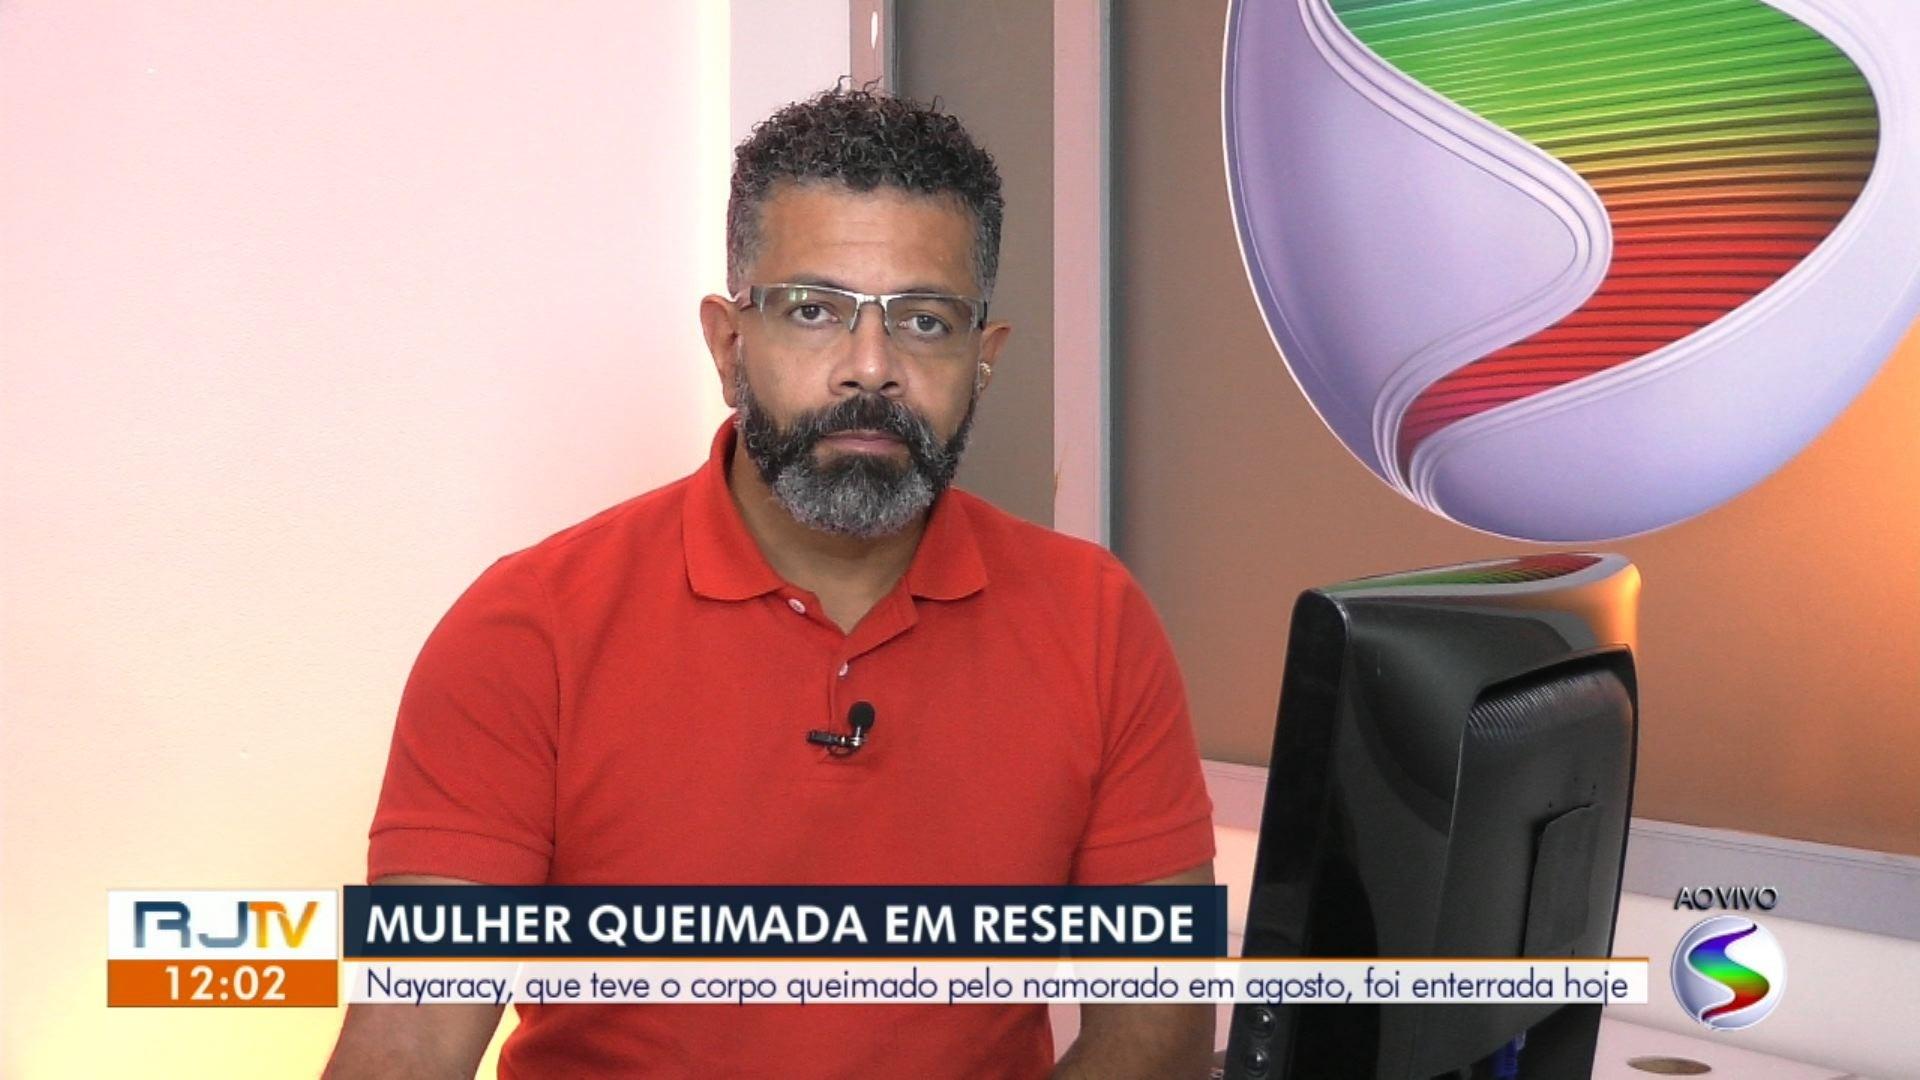 VÍDEOS: RJ1 TV Rio Sul de sábado, 19 de setembro